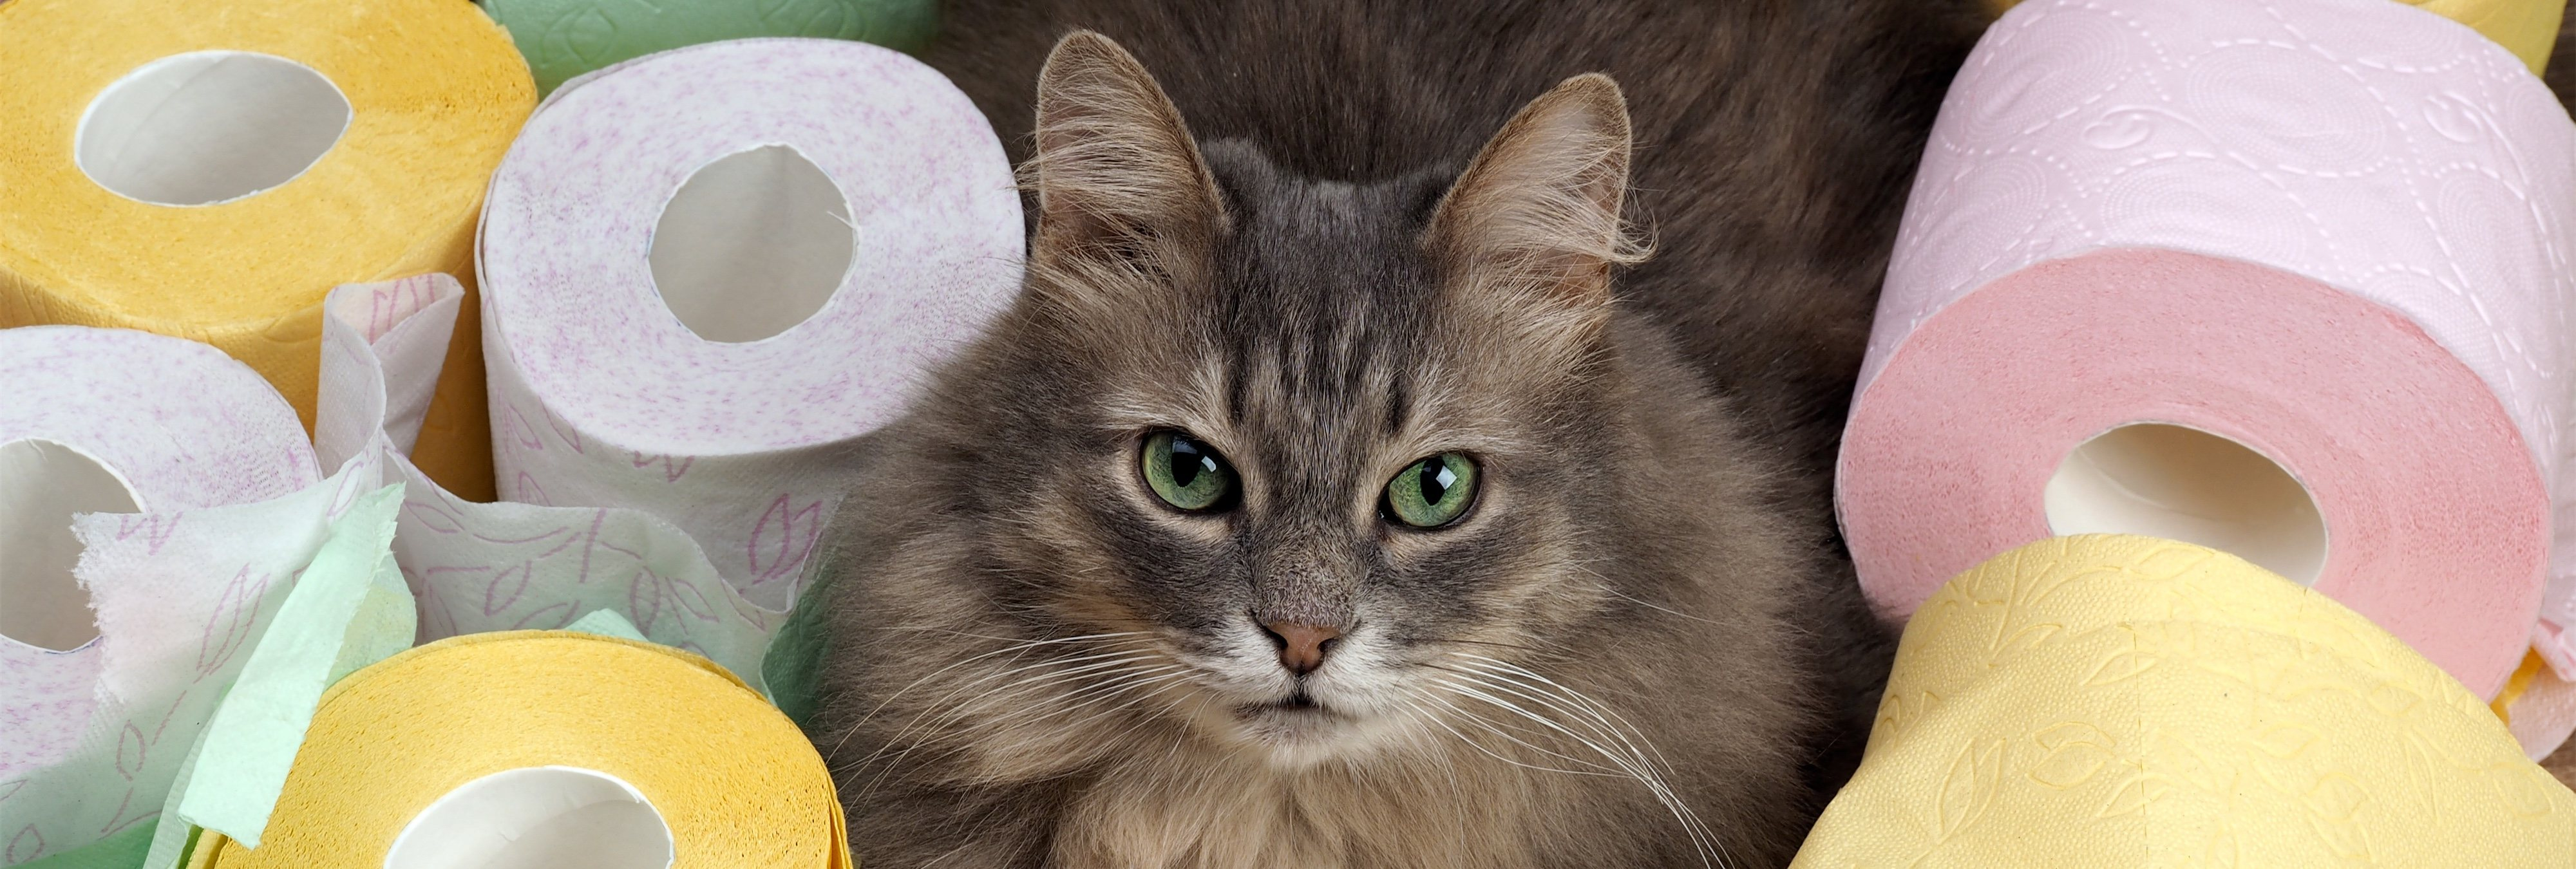 La historia detrás de CitiKitty: El invento millonario por el que tu gato usará el WC